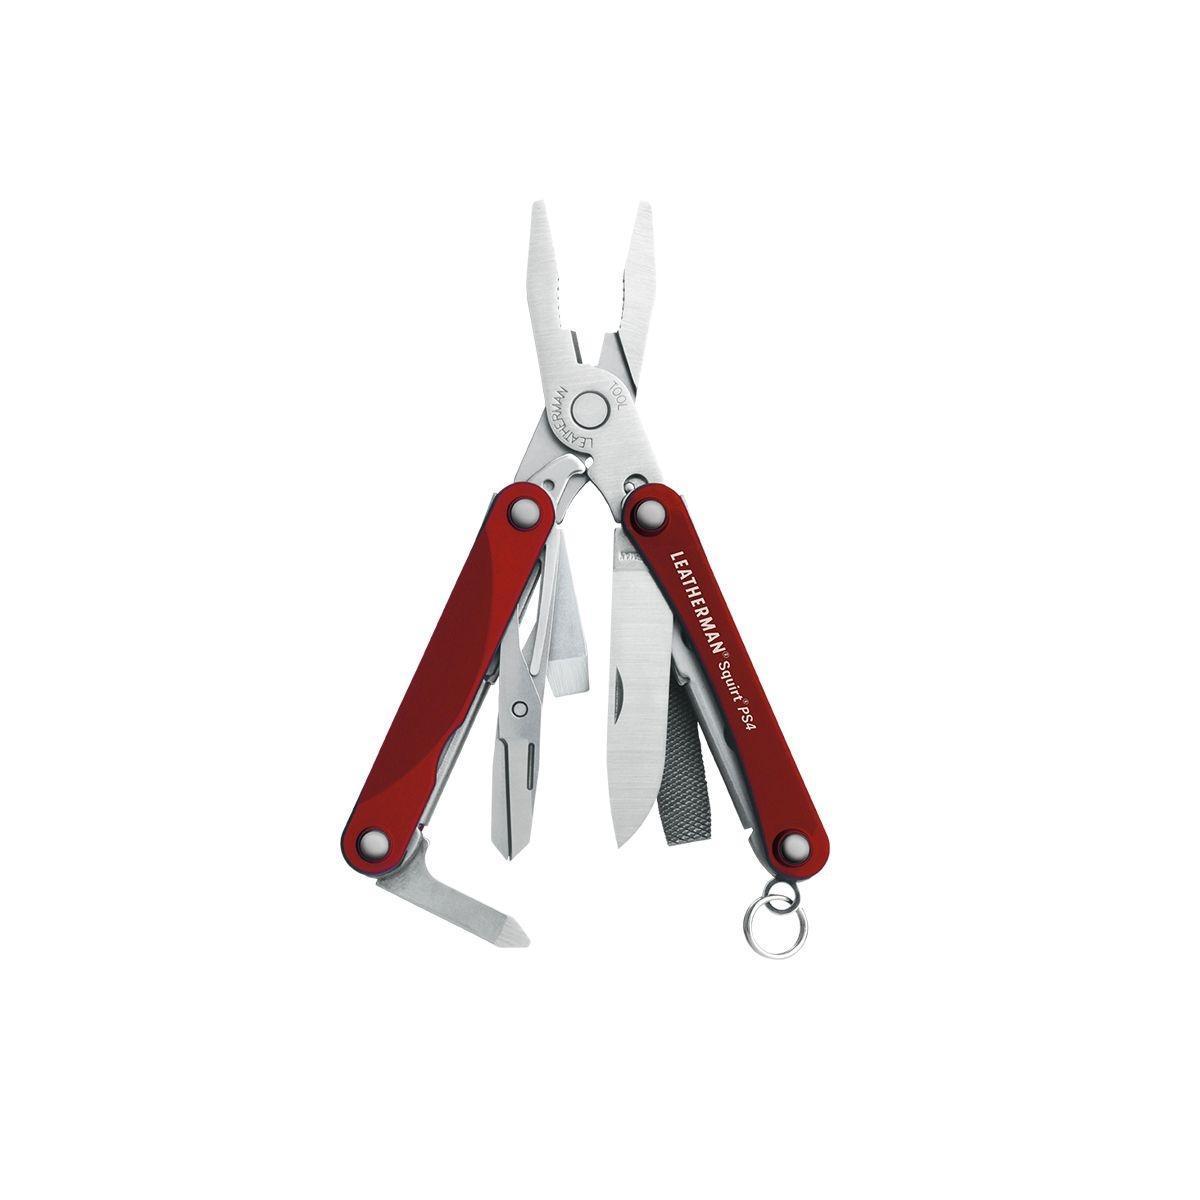 Leatherman Squirt PS4 мультитул, RedEMTD-06Мультитул Leatherman Squirt PS4 - стильный, удобный, очень компактный и небольшого веса. Корпус выполнен из нержавеющей стали, накладки рукояток - анодированный алюминиевый сплав.Мультитул можно использовать как брелок для ключей. Мультитул упакован в металлическую коробку.Инструменты:Нож прямой; Плоскогубцы; Кусачки для проводов; Средняя плоская отвертка; Крестовая отвертка; Ножницы; Напильник по дереву и металлу; Открывалка для бутылок. Характеристики:Длина (в сложенном виде): 5,5 см. Длина (в открытом виде): 10 см. Вес: 56,4 г. Материал: нержавеющая сталь 420НС, анодированный алюминиевый сплав 6061-T6. Артикул: 831228. Производитель: США. Инструменты Leatherman произведены в США. Только у ТМ Leatherman действительная Фирменная Гарантия 25 лет, она осуществляется путем обмена поврежденного изделия на новое. Без экспертиз и долгого ожидания. Продукция сертифицирована на территории РФ. Гарантийный срок25 лет. Возврат товара возможен только через сервисный центр.Время работысервисного центра: Пн-чт: 10.00-18.00Пт:10.00- 17.00Сб, Вс: выходные дниАдрес:129223, Россия, Москва, пр-кт Мира, 119 (ВВЦ), строение 323.